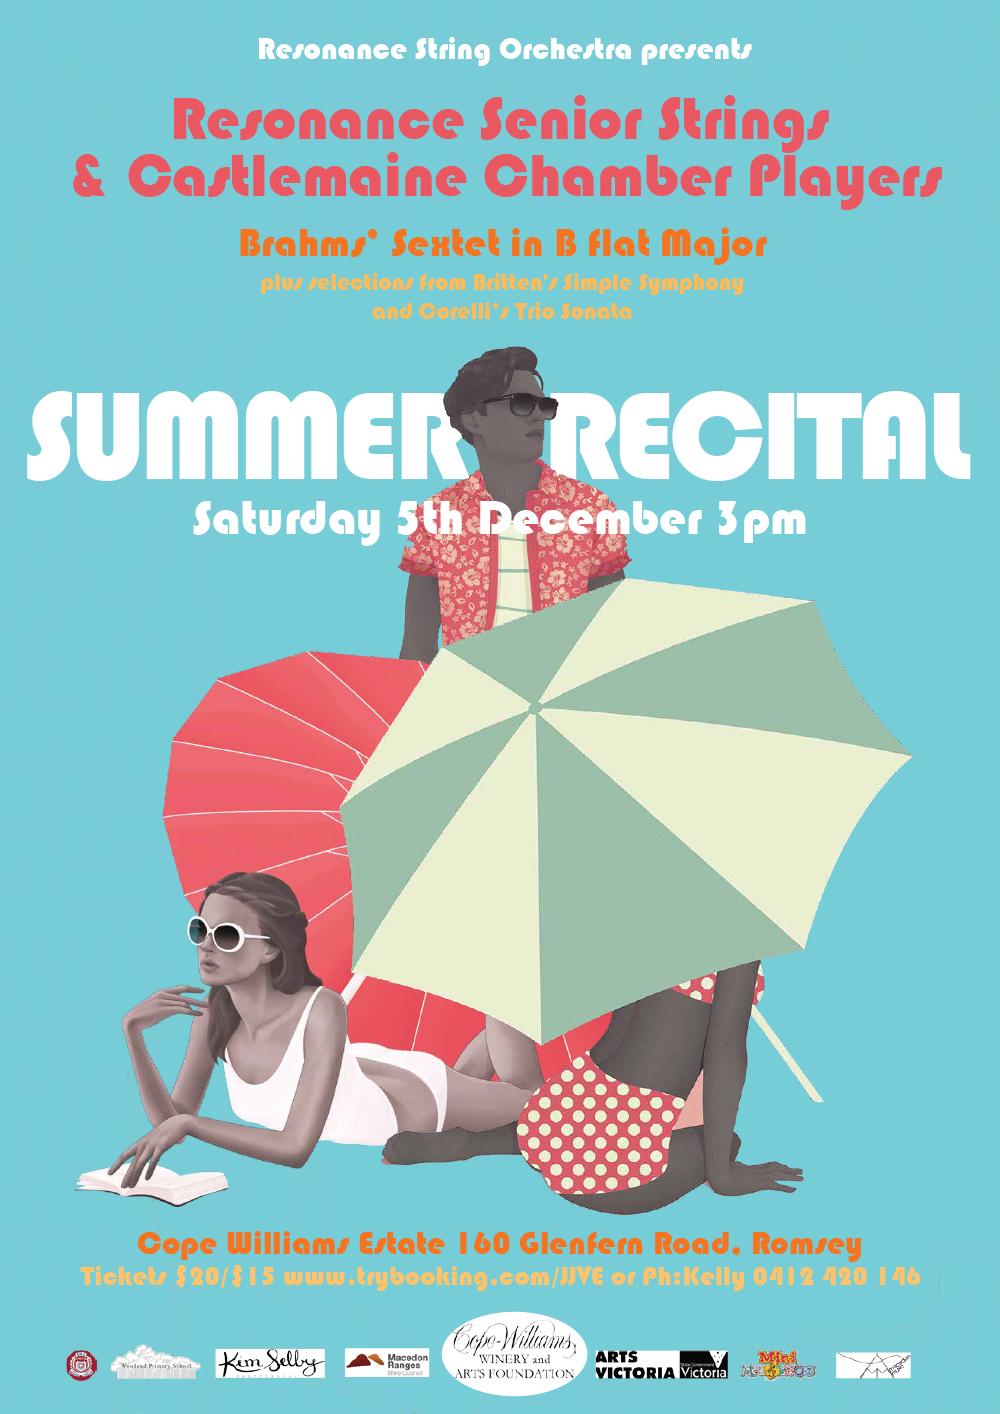 Summer Recital Poster 2015.jpg